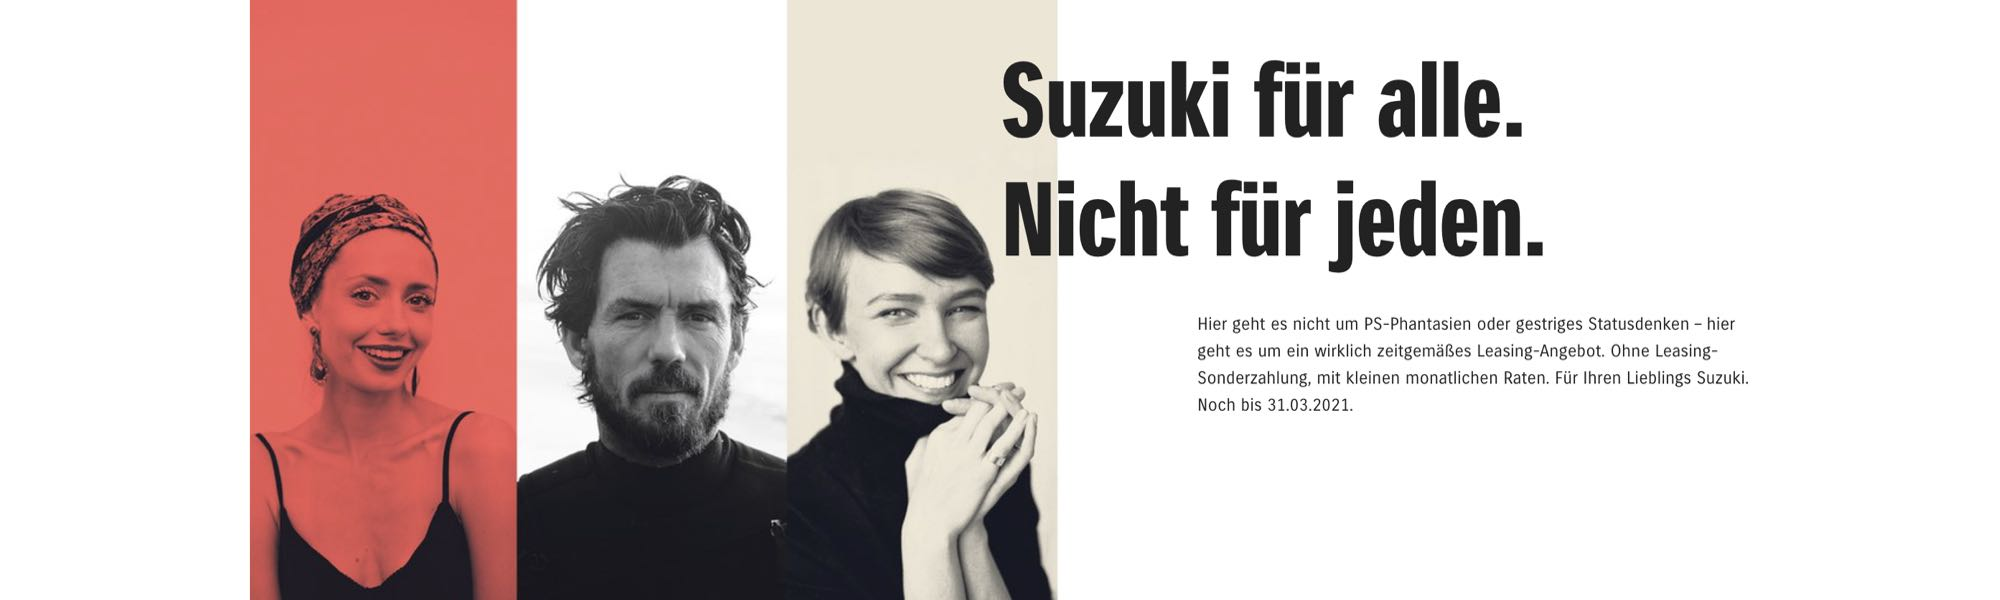 Suzuki-Leasing-Wochen